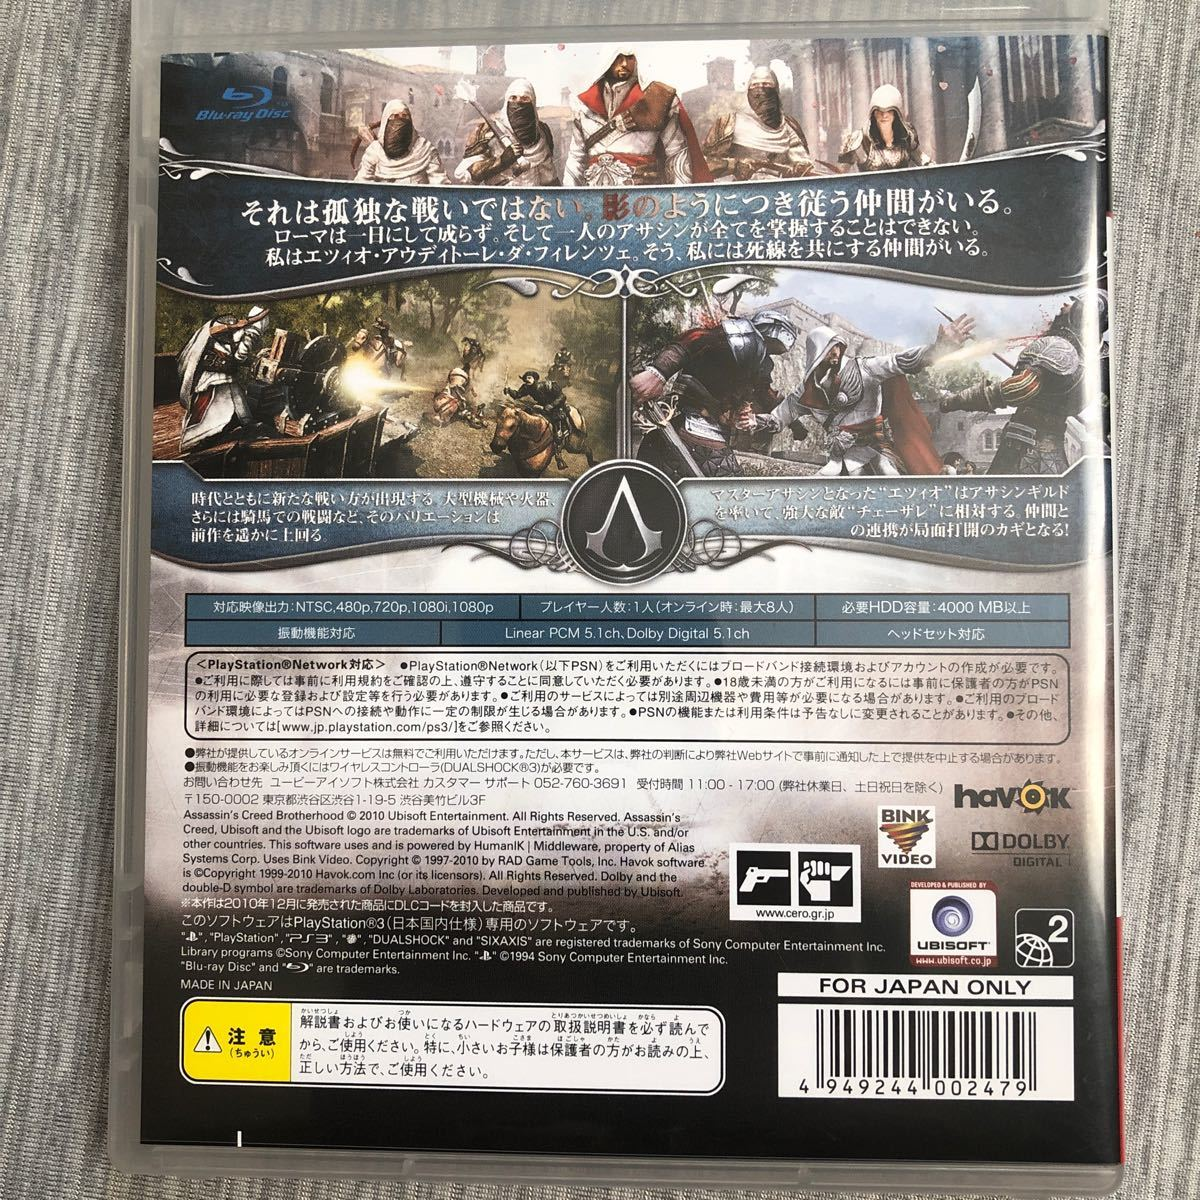 【PS3】 アサシン クリード ブラザーフッド [スペシャルエディション]